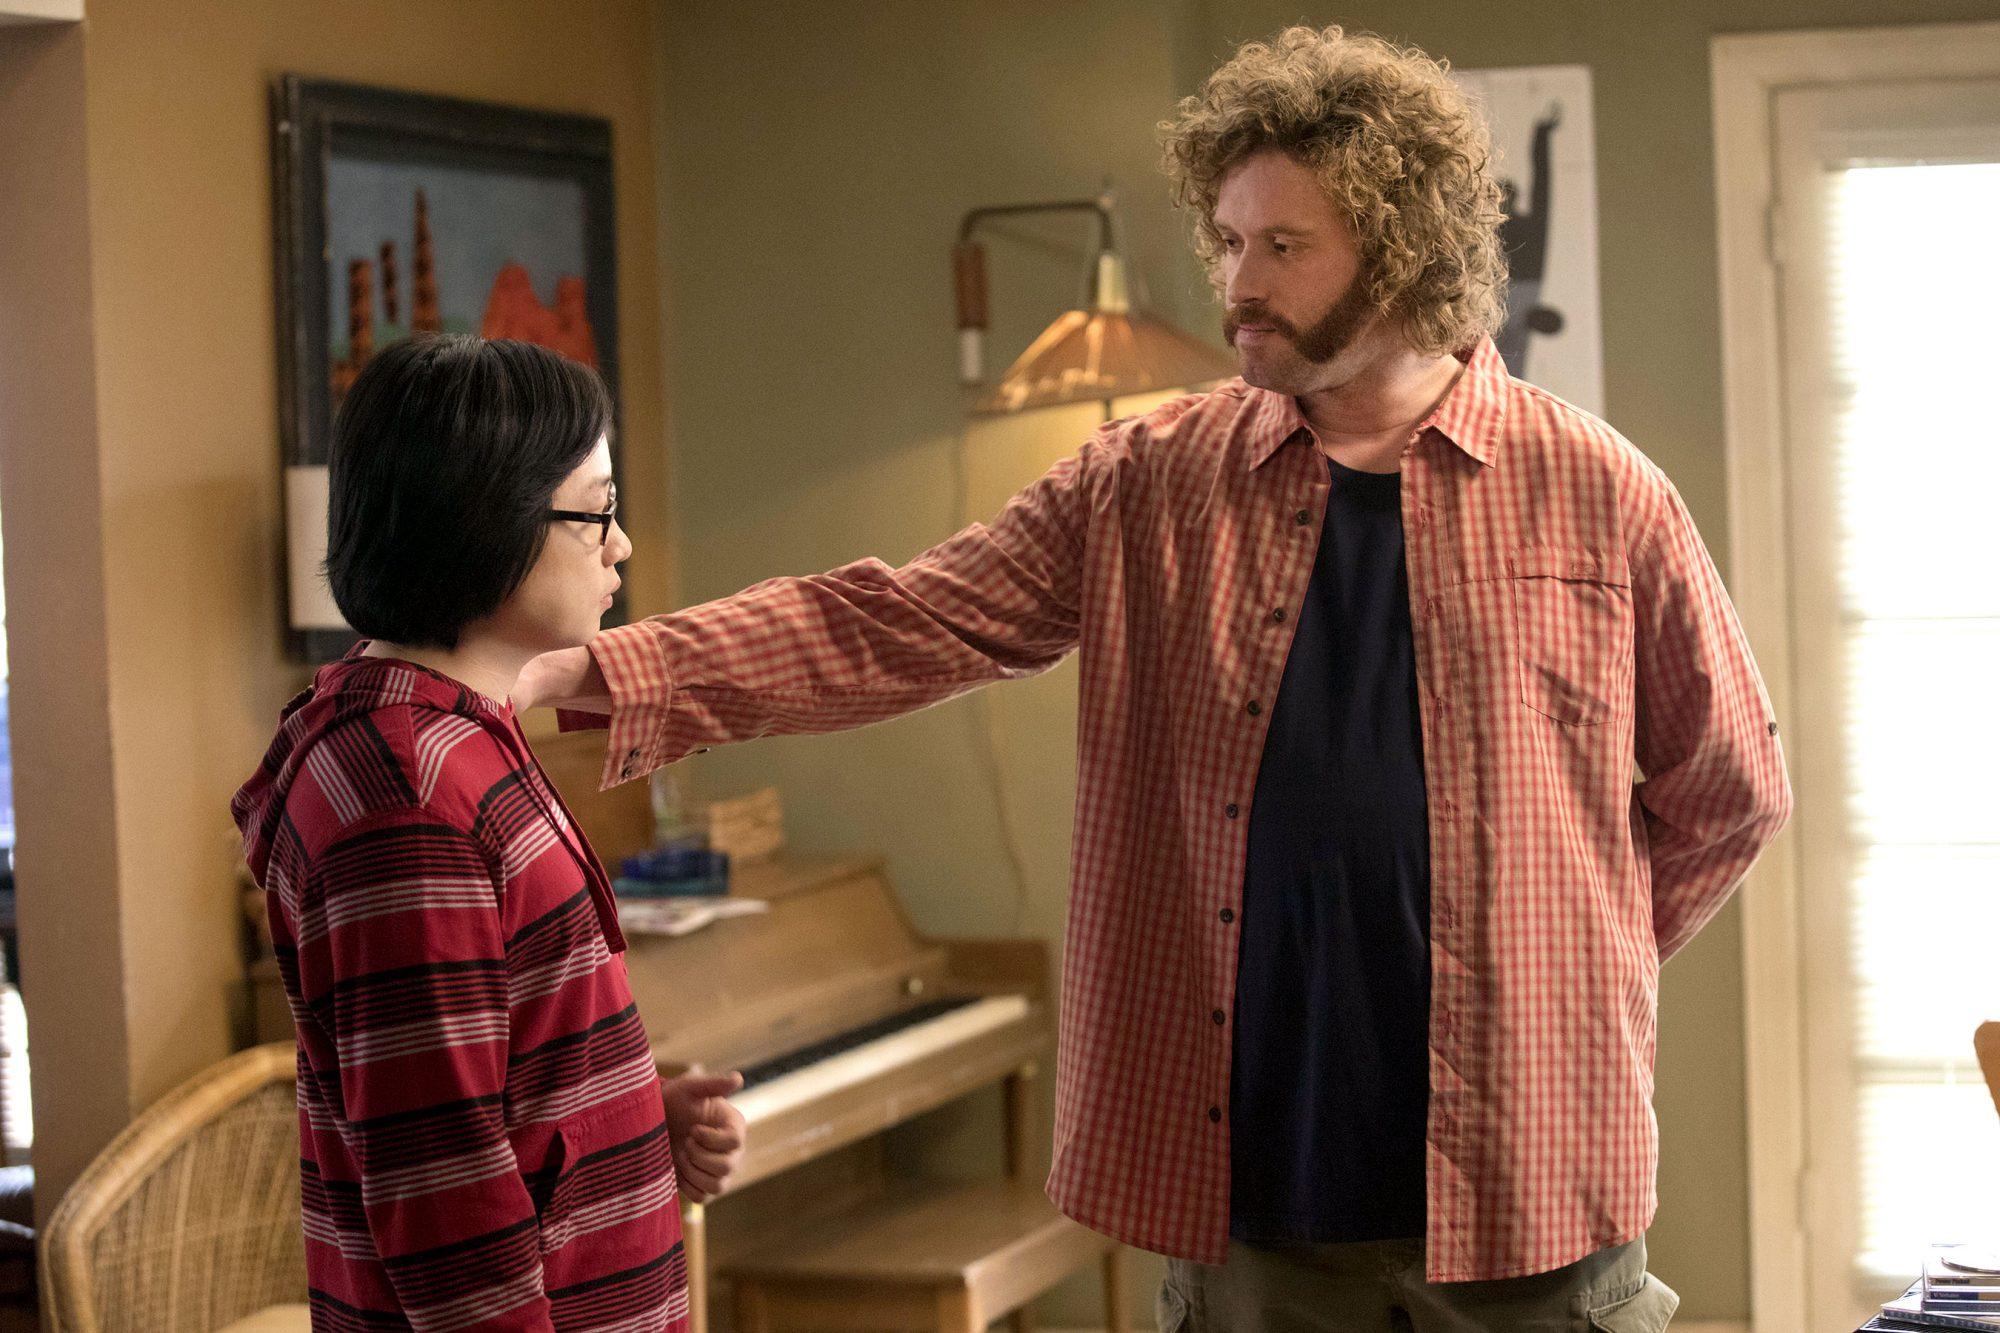 Silicon Valley Season 4, Episode 4